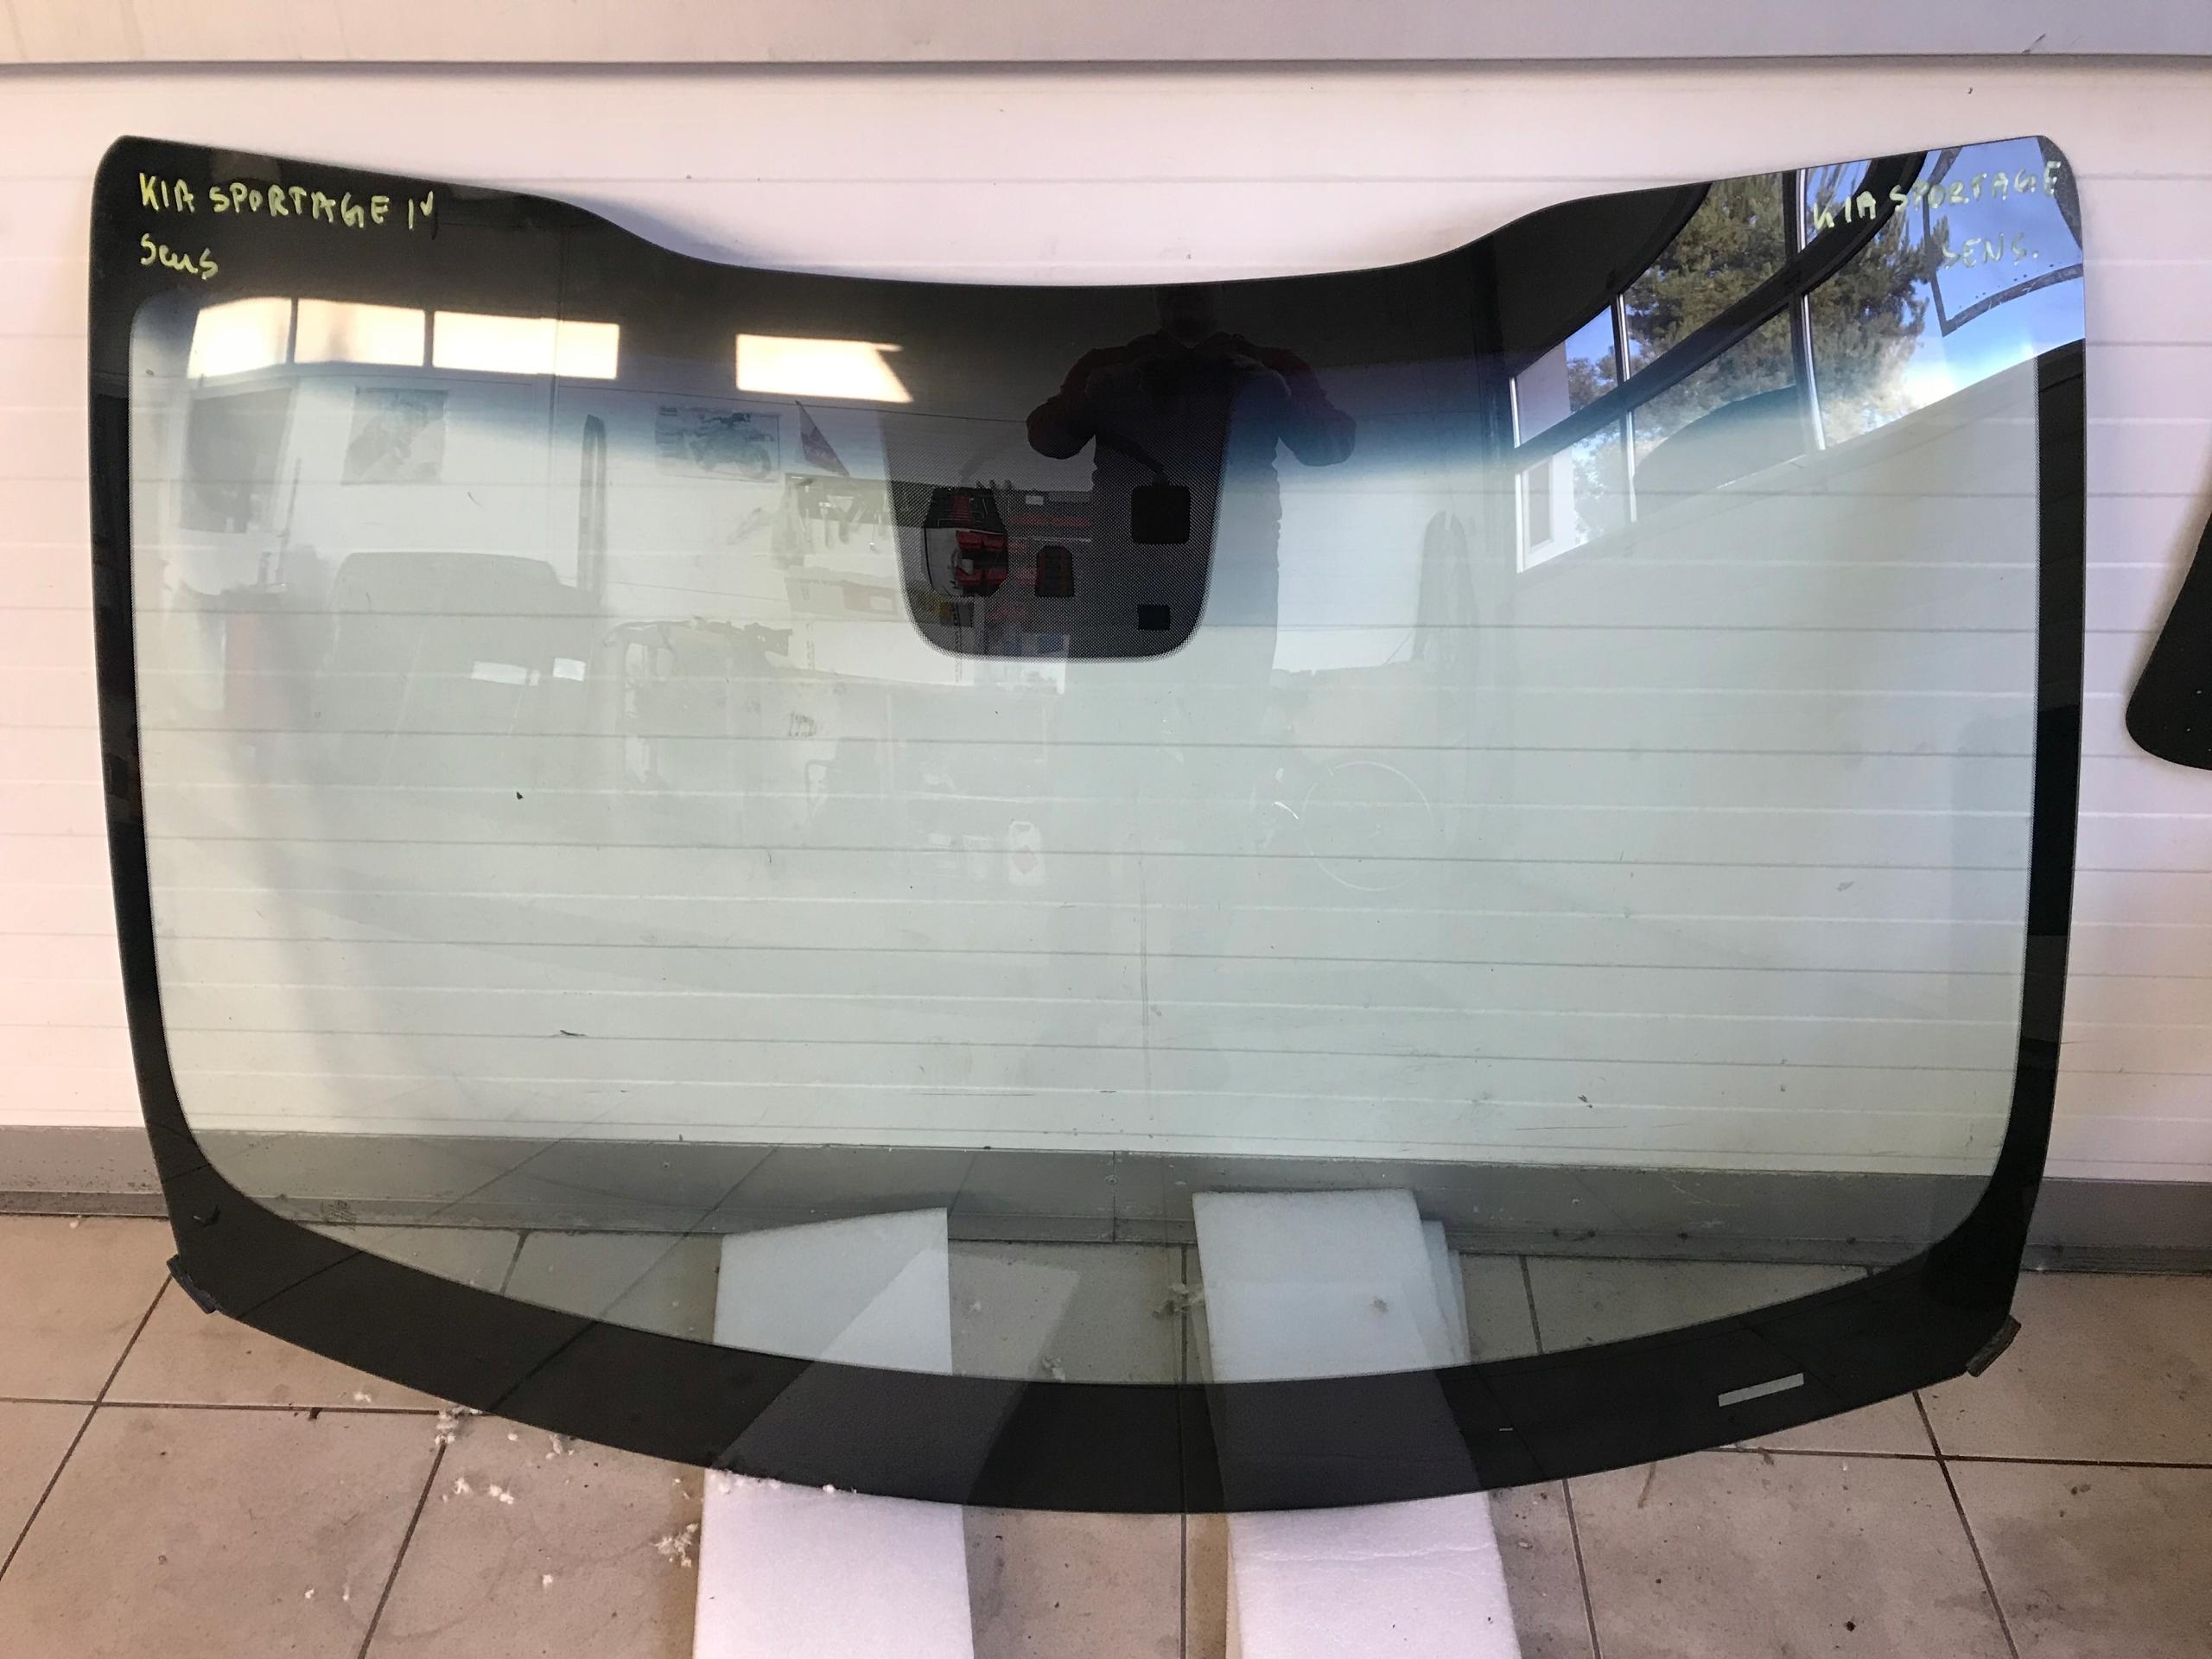 Лобовое стекло Kia Sportage 3